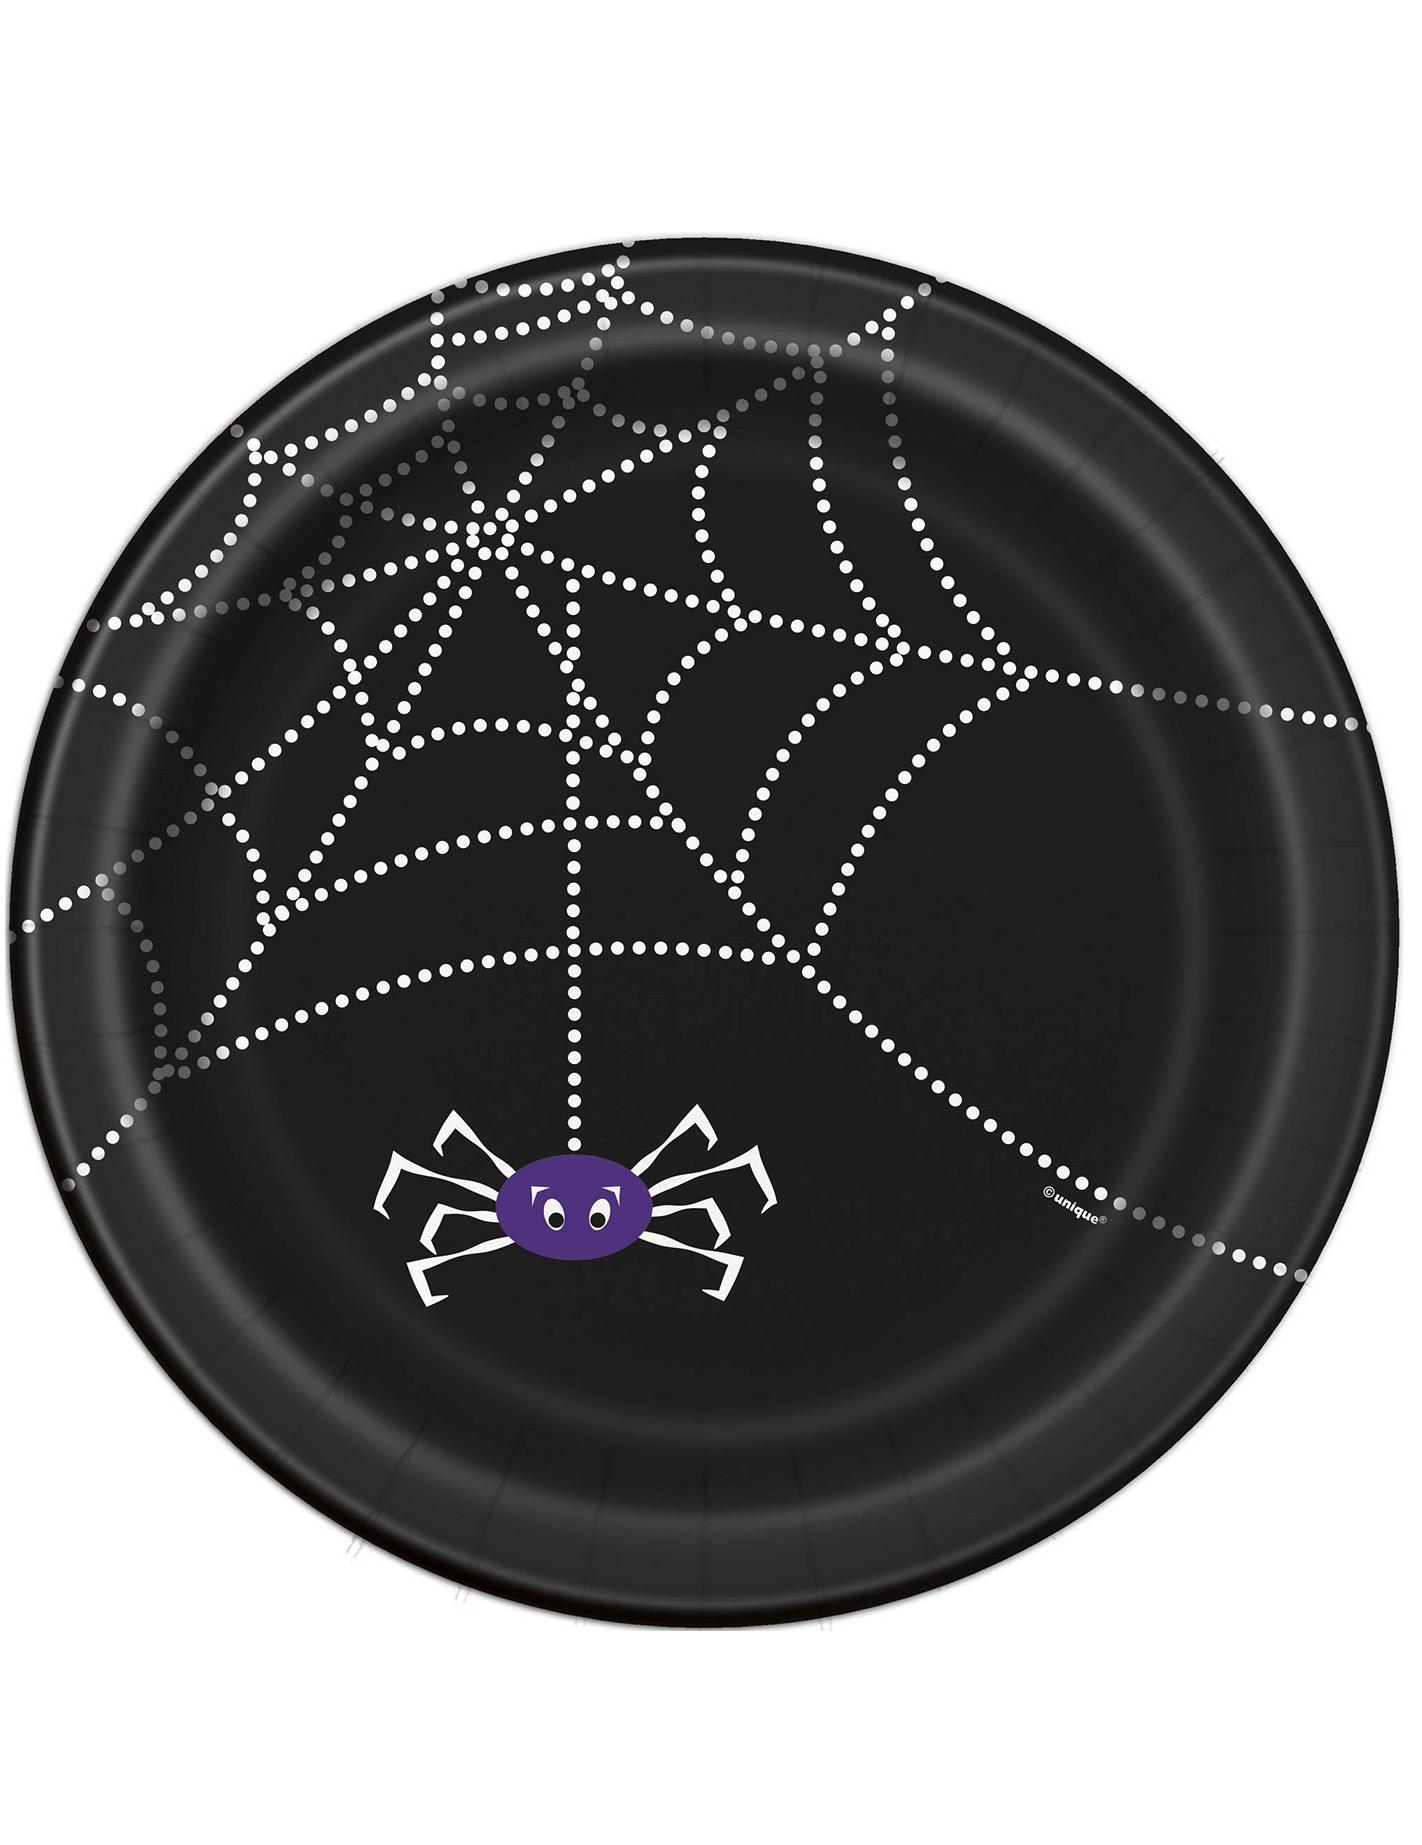 8 assiettes en carton toile d 39 araign e halloween 23 cm for Toile d araignee decoration